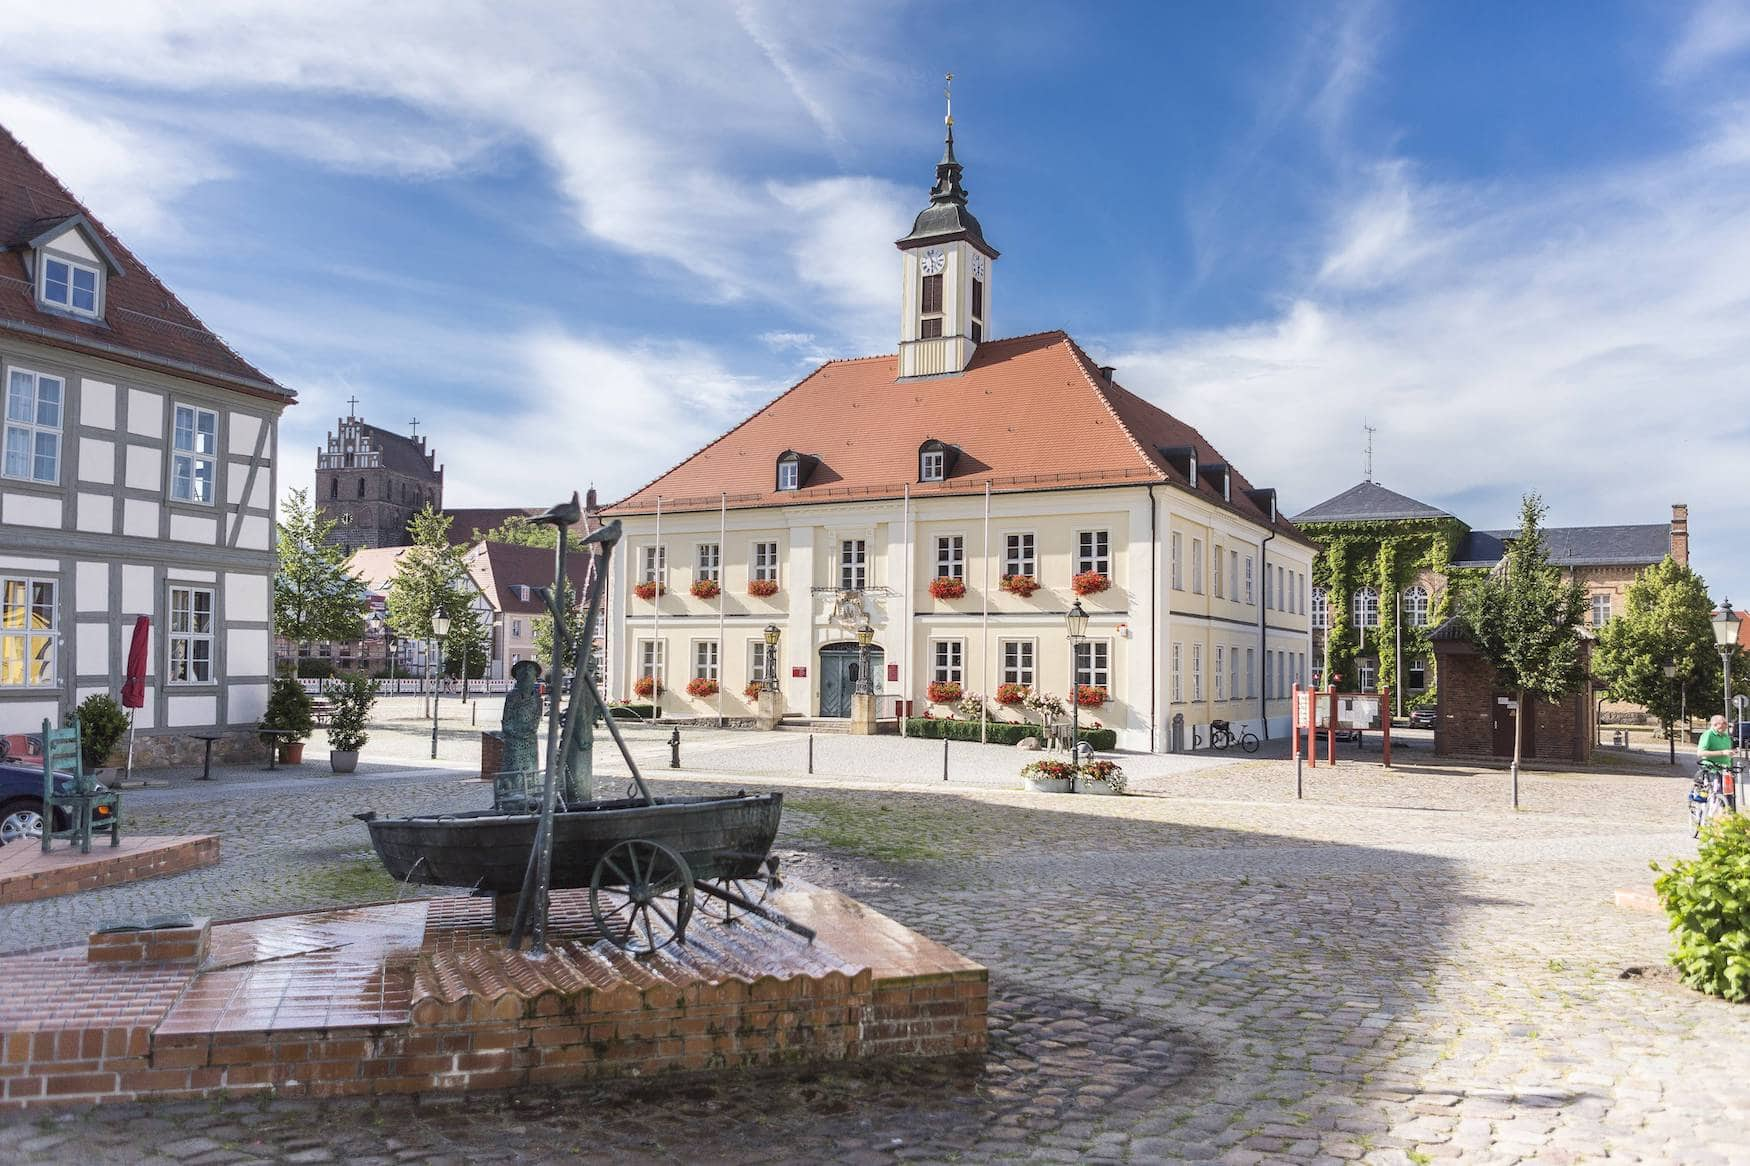 Rathaus in Angermünde in der Uckermark